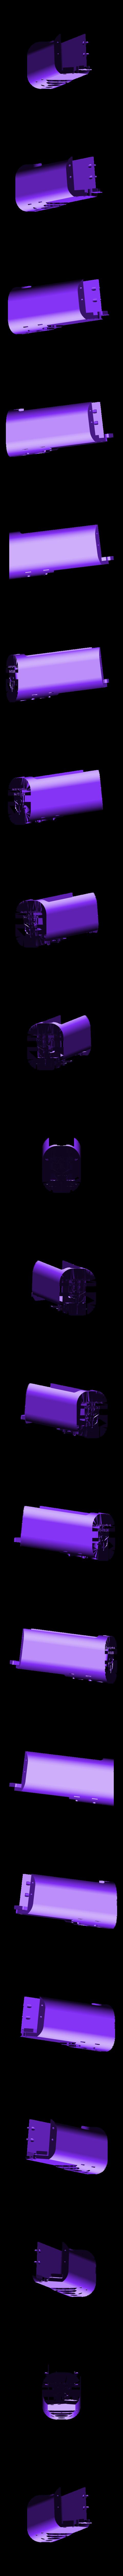 Neutron_-_Base.stl Download free STL file Neutron - Open Source 3D Printer • 3D printable object, ATOM3dp